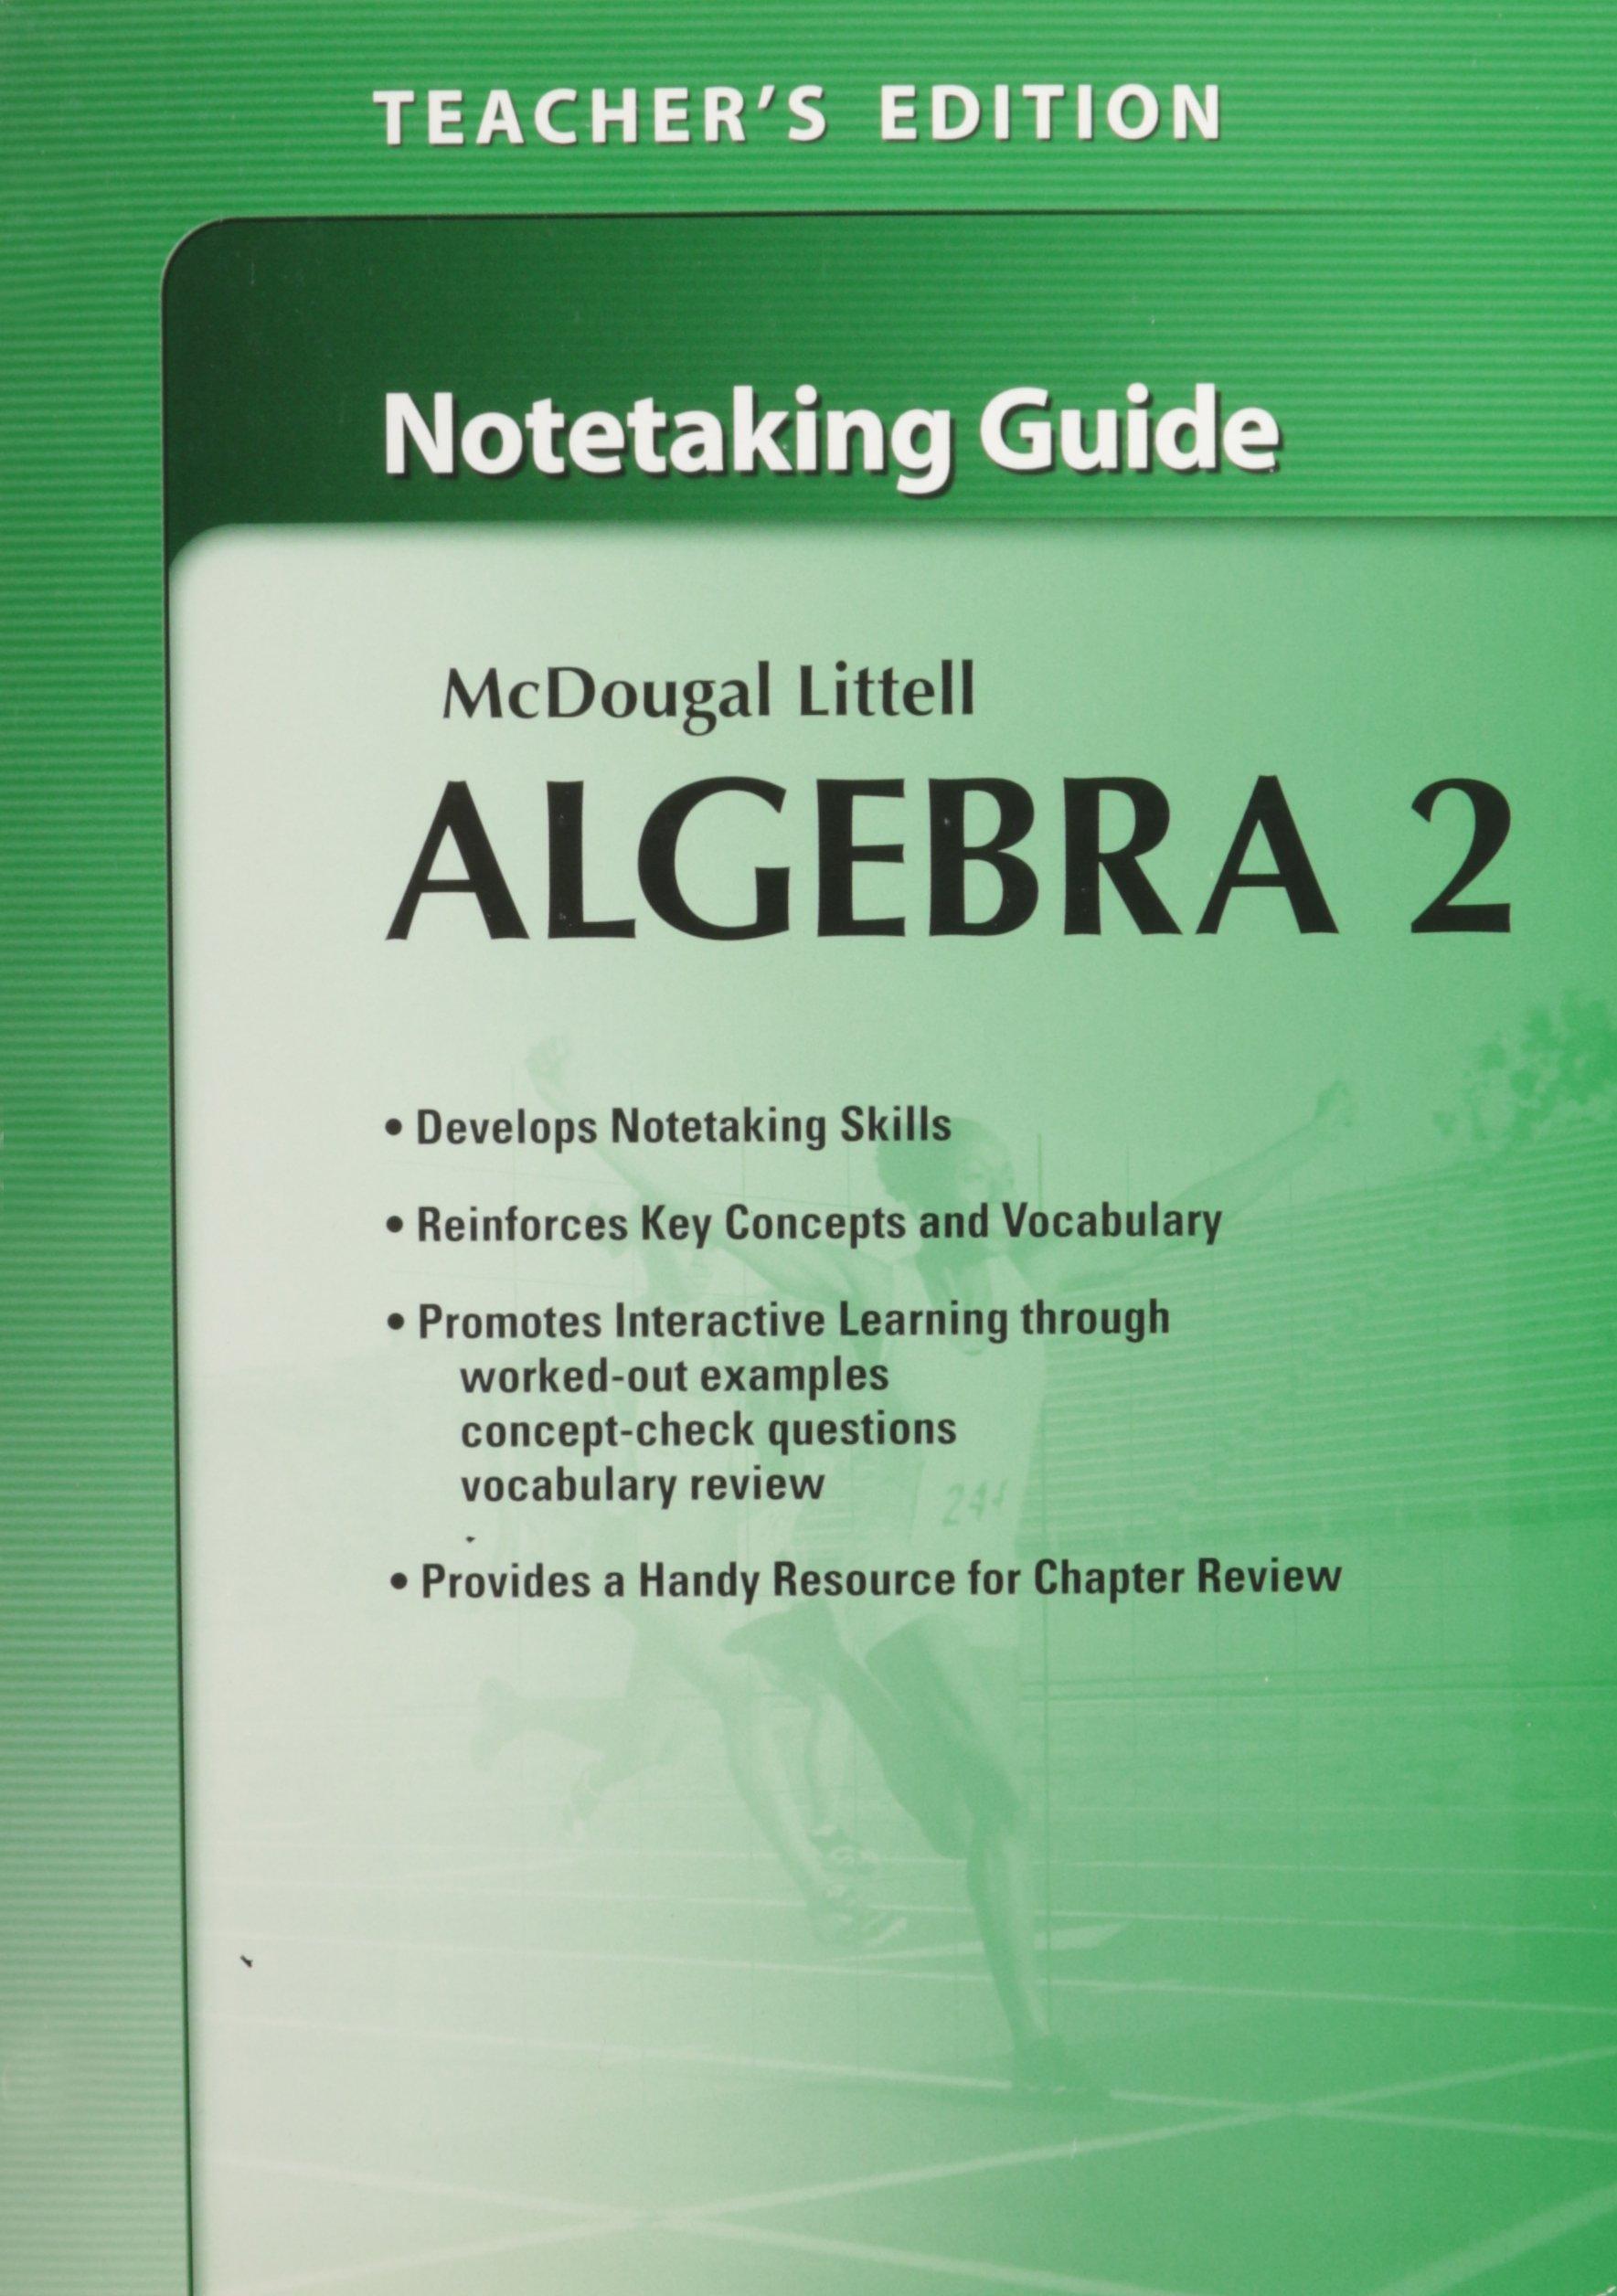 Amazon.com: McDougal Litell's Algebra 2: Notetaking Guide, Teacher's  Edition (9780618736904): MCDOUGAL LITTEL: Books